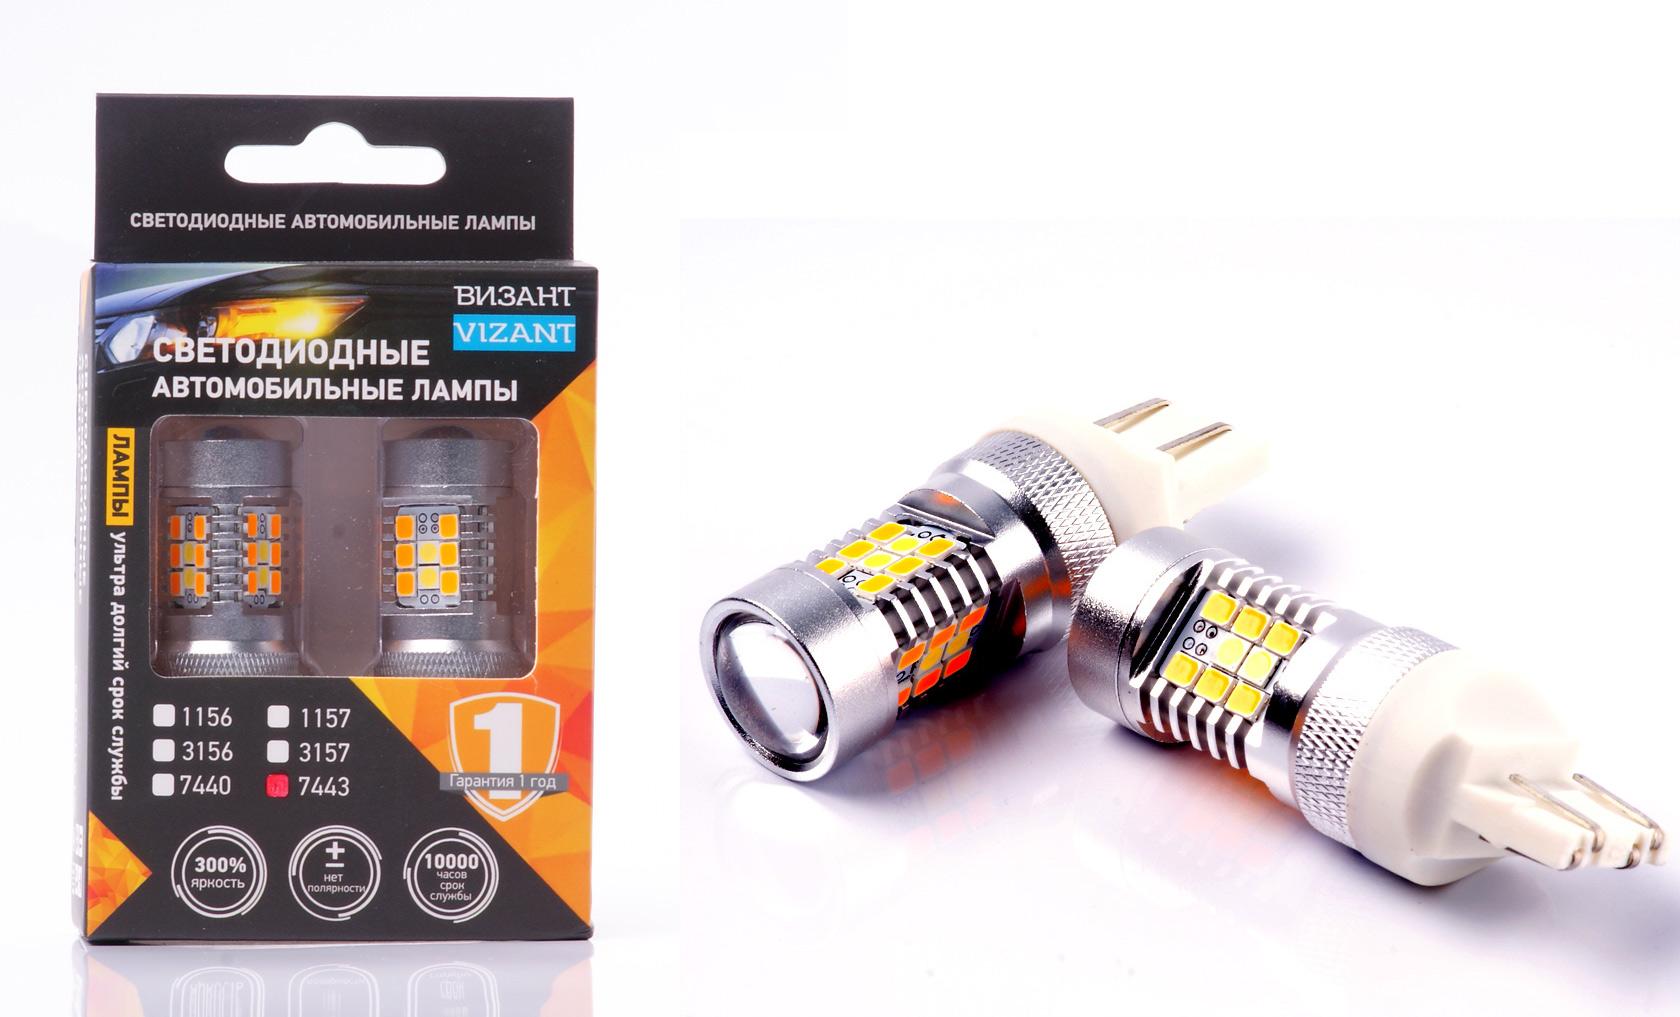 Светодиодные лампы Vizant двухконтактные, 7443 яркость 600/1200lm